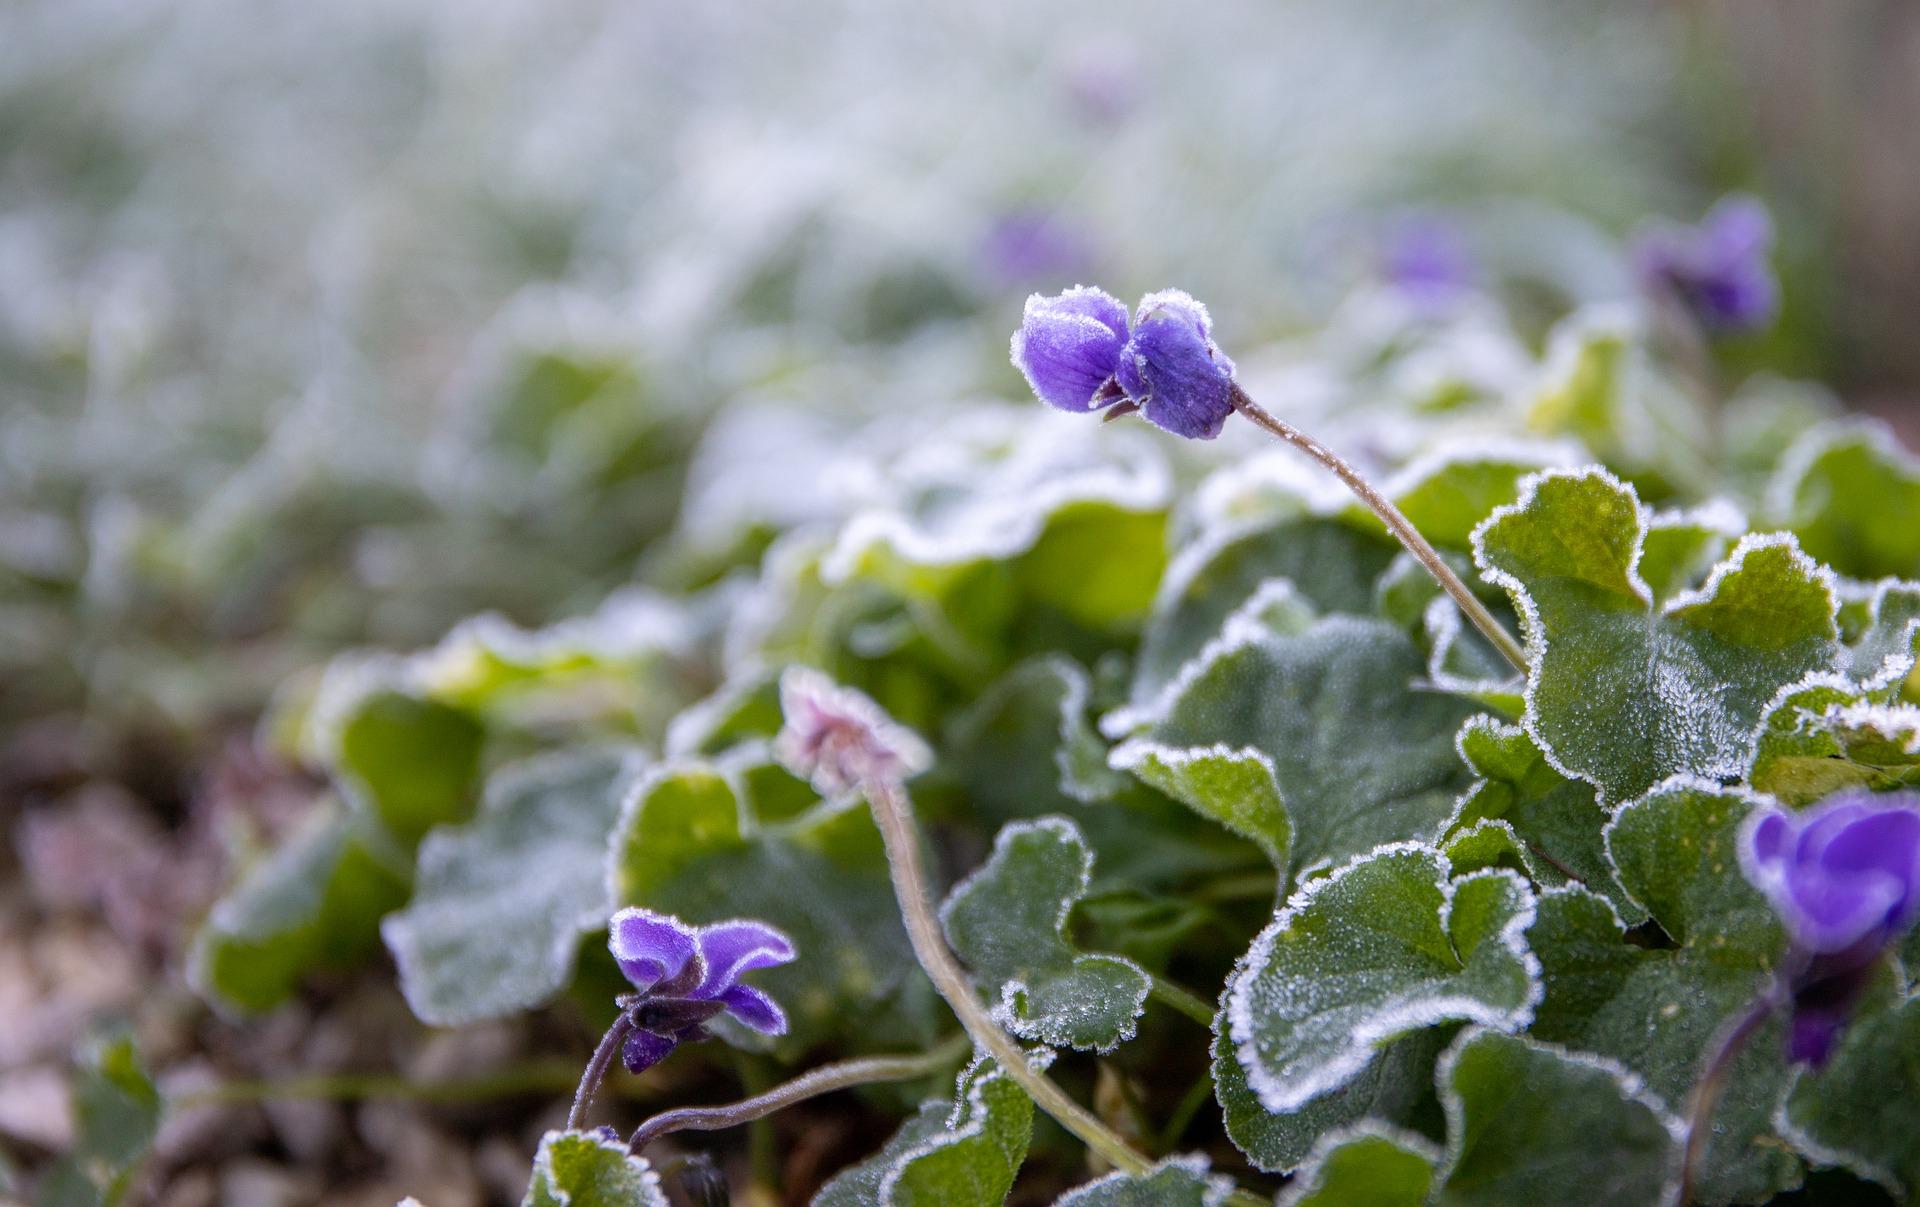 Ostrzeżenie pogodowe. Uważaj na kwiaty i sadzonki! Do kiedy obowiązuje?  - Zdjęcie główne